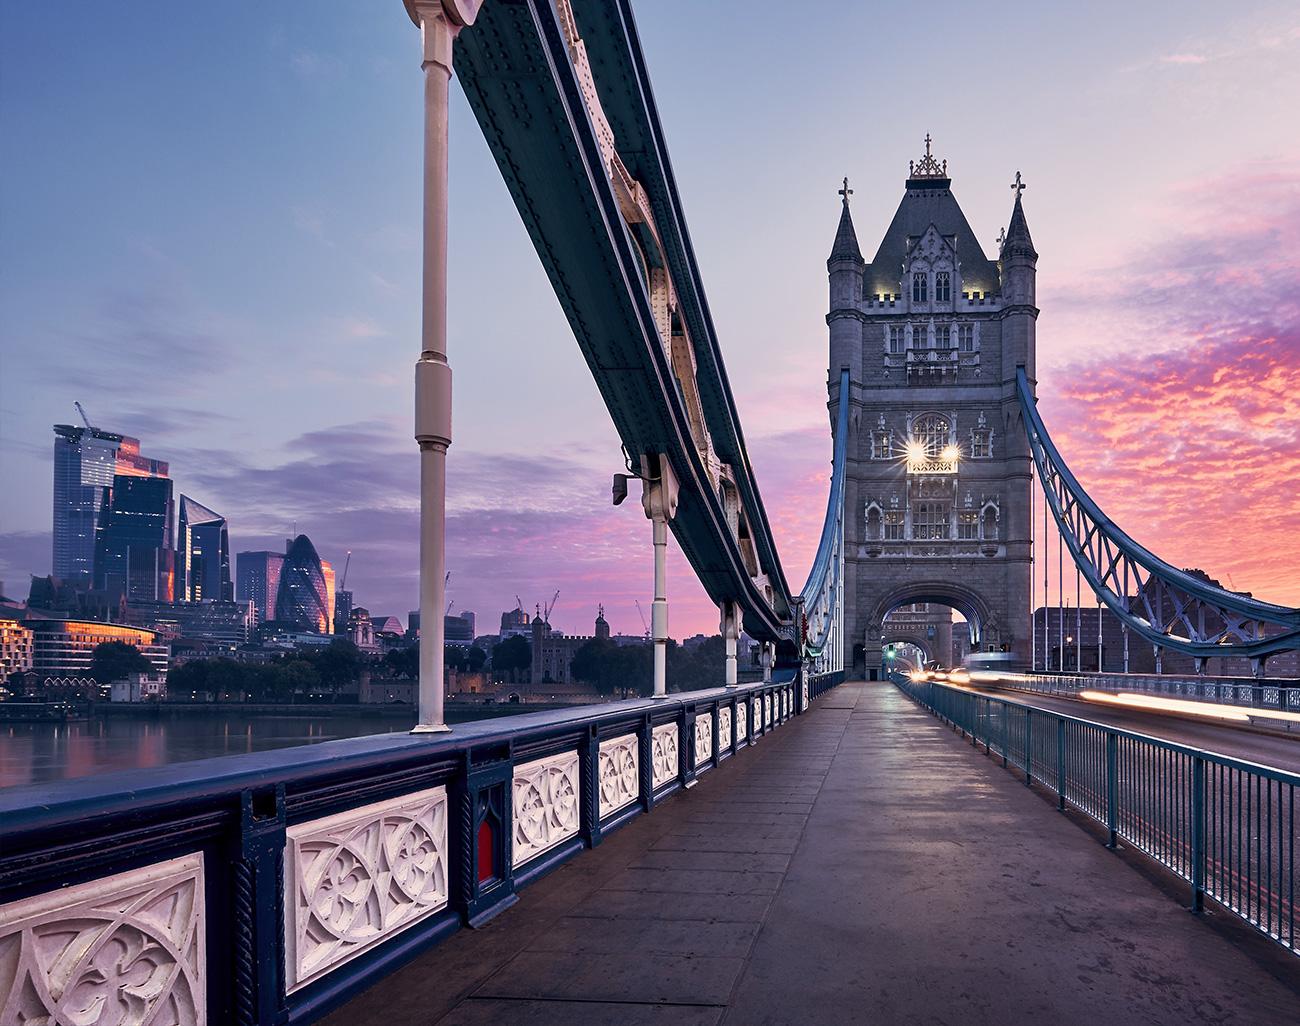 Ydès avocats site Londres Royaume-Uni